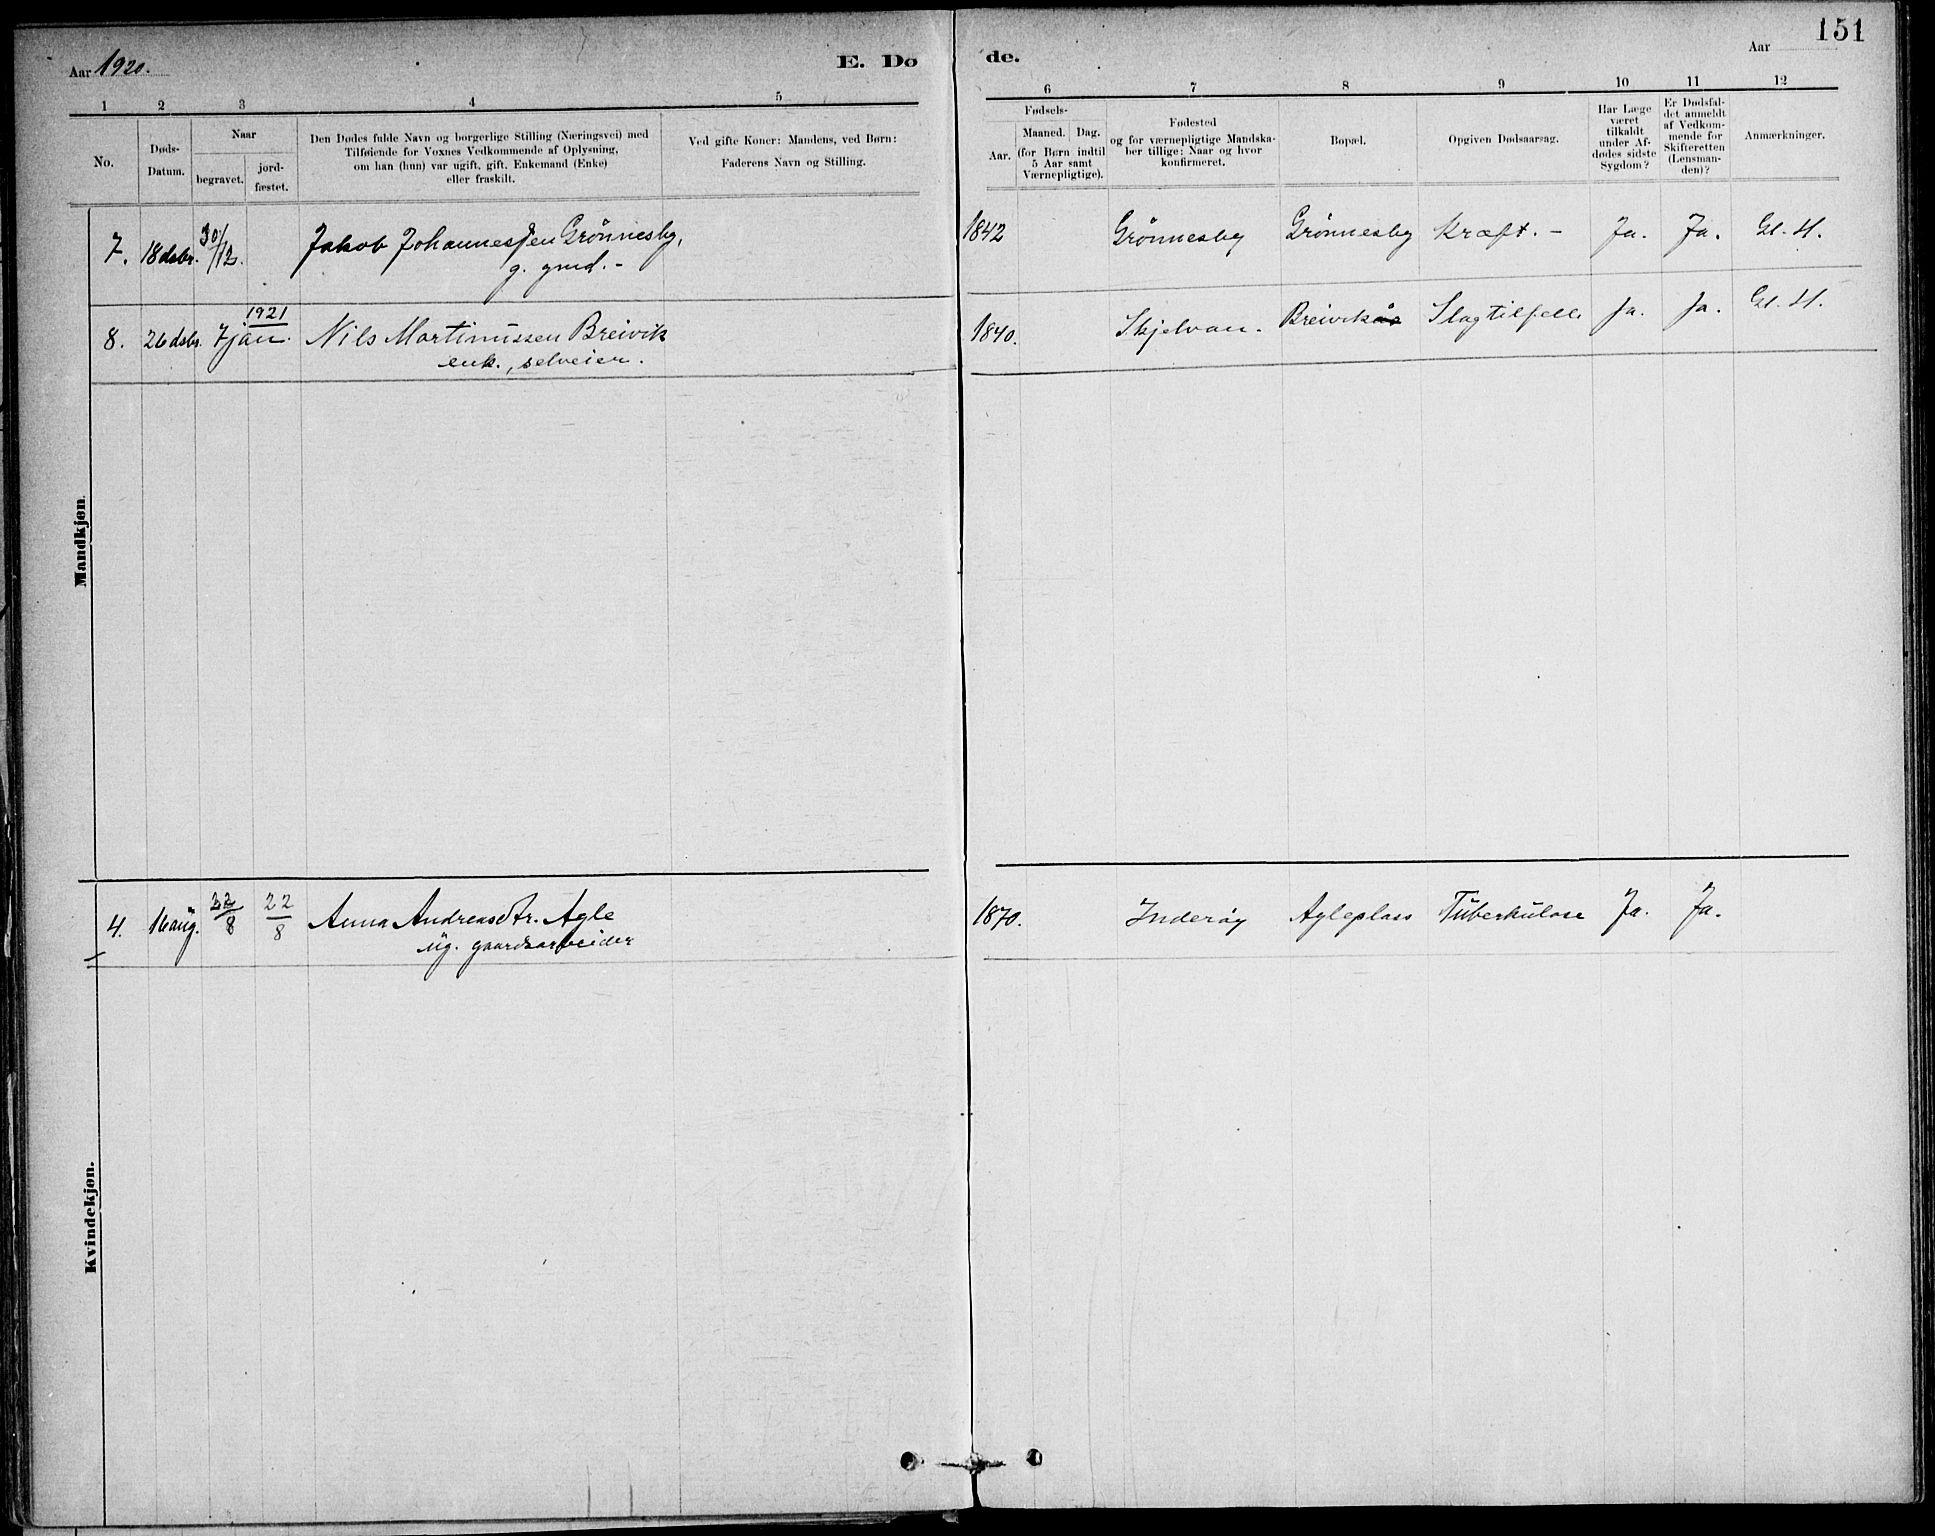 SAT, Ministerialprotokoller, klokkerbøker og fødselsregistre - Nord-Trøndelag, 732/L0316: Ministerialbok nr. 732A01, 1879-1921, s. 151